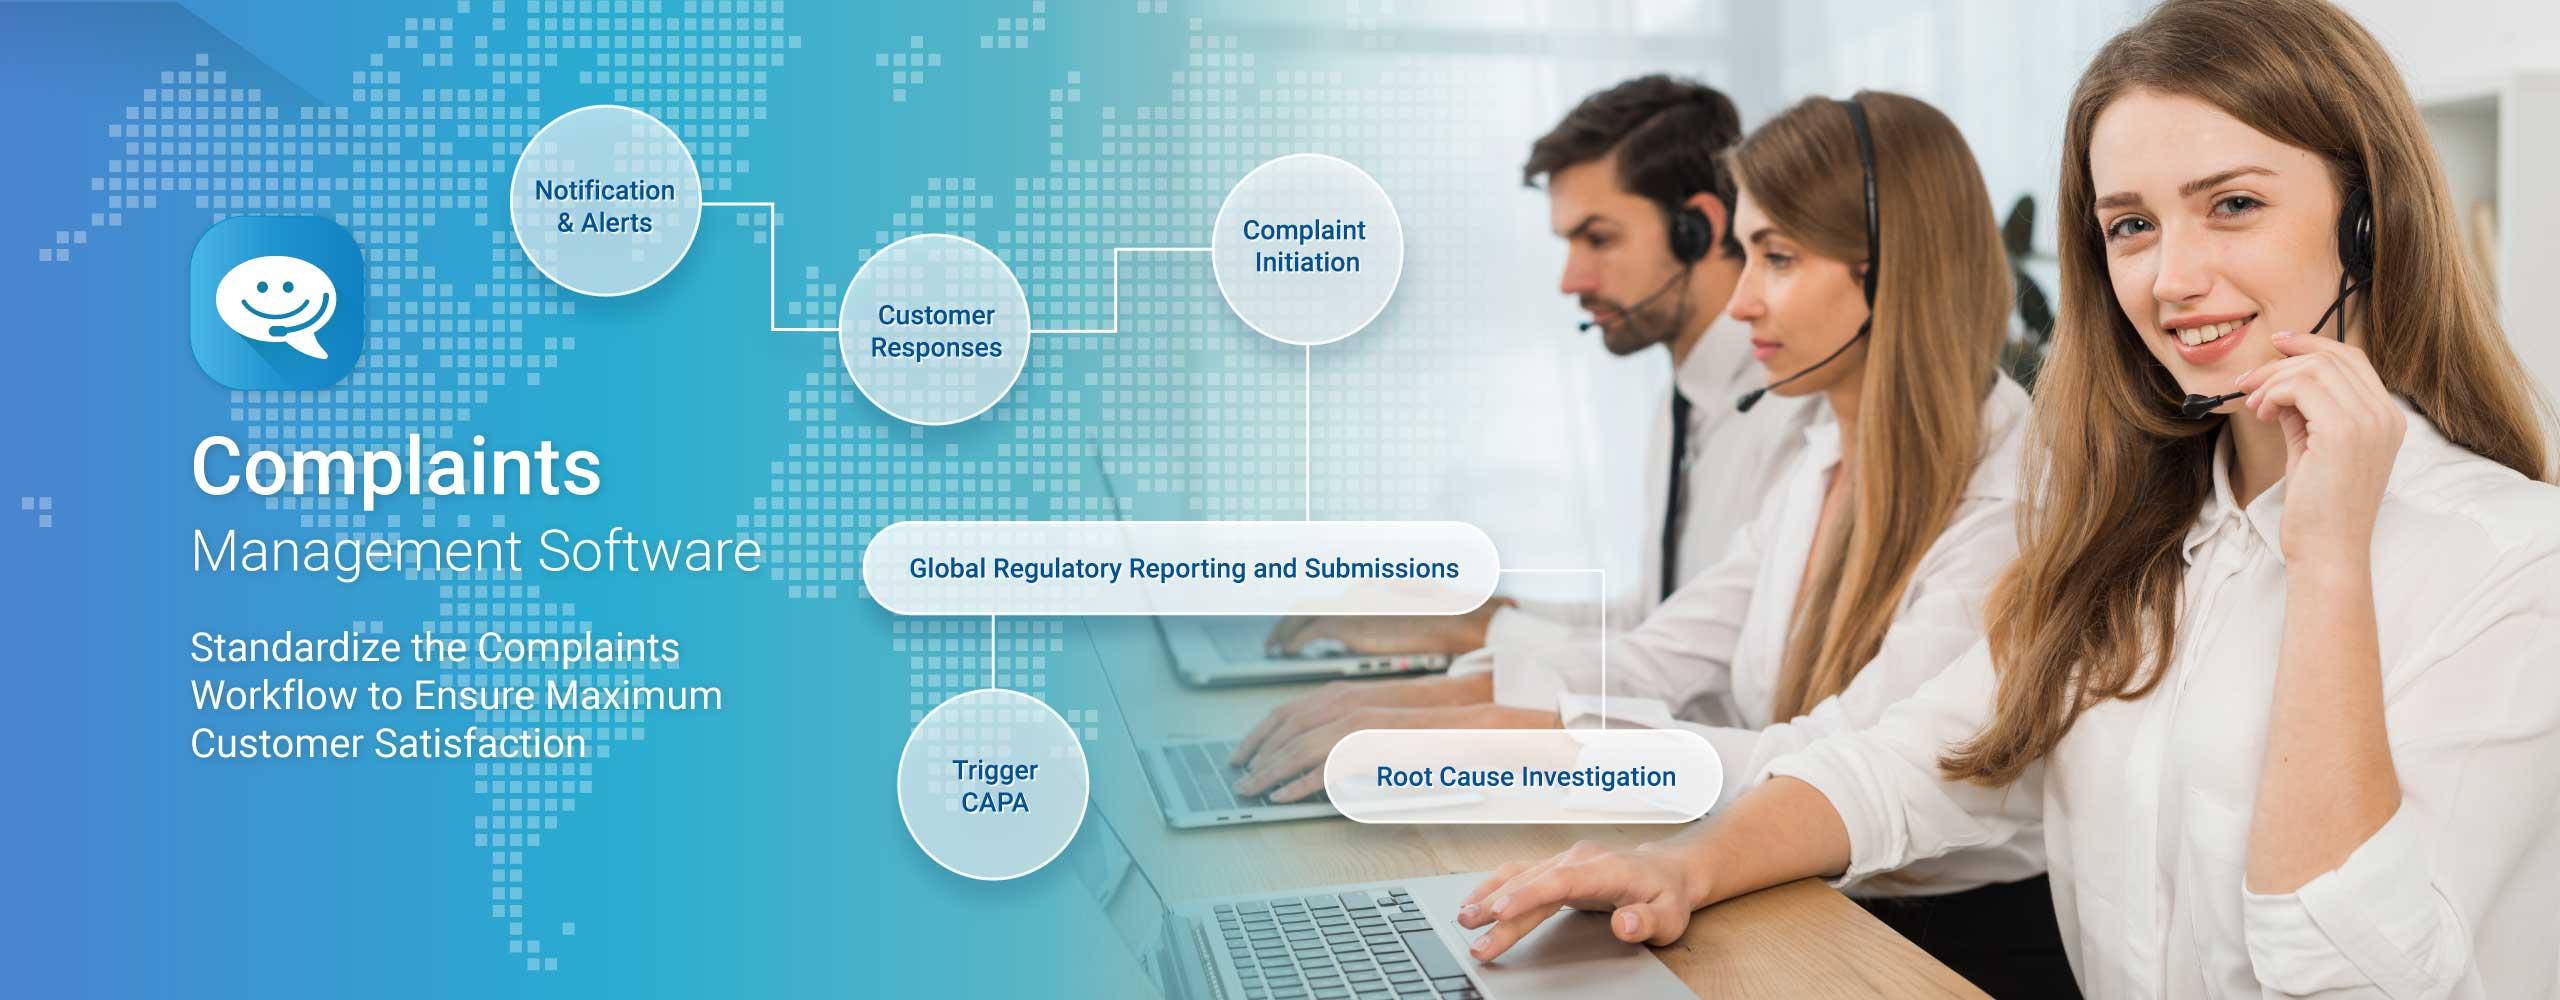 Complaints Management Software